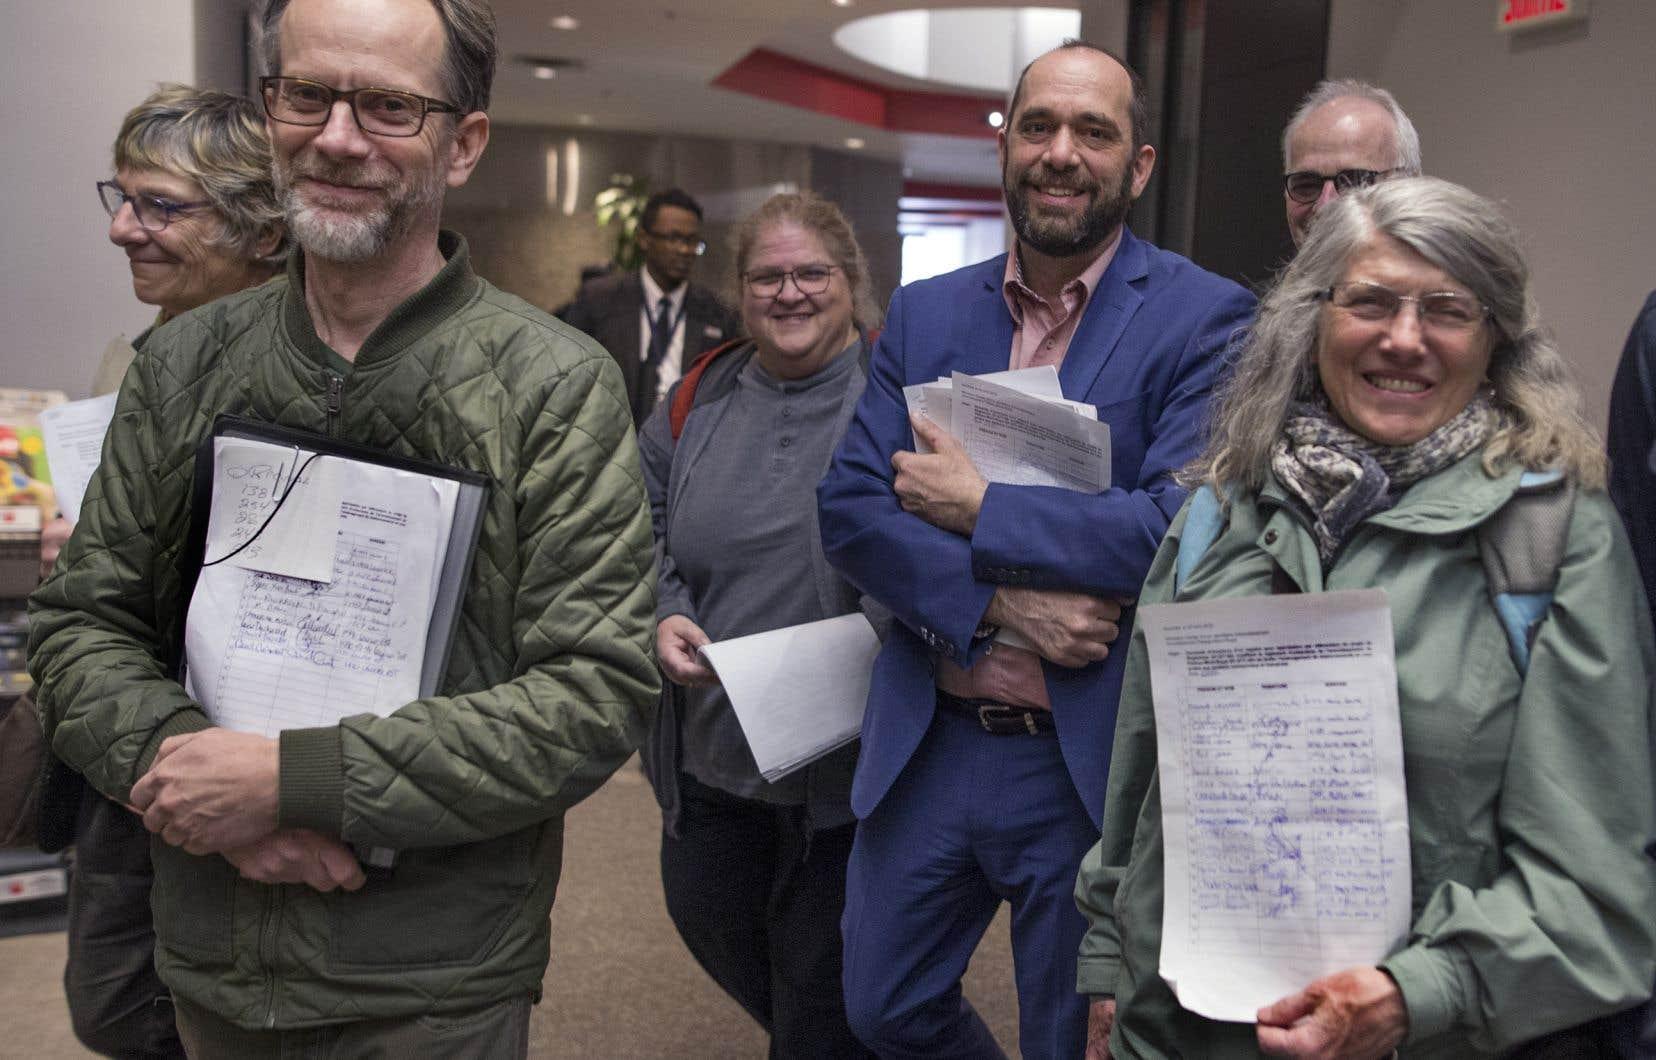 Des citoyens s'étaient rendus, fin avril, au bureau de l'arrondissement du Plateau-Mont-Royal afin de demander l'ouverture de registres, première étape vers la tenue de référendums.